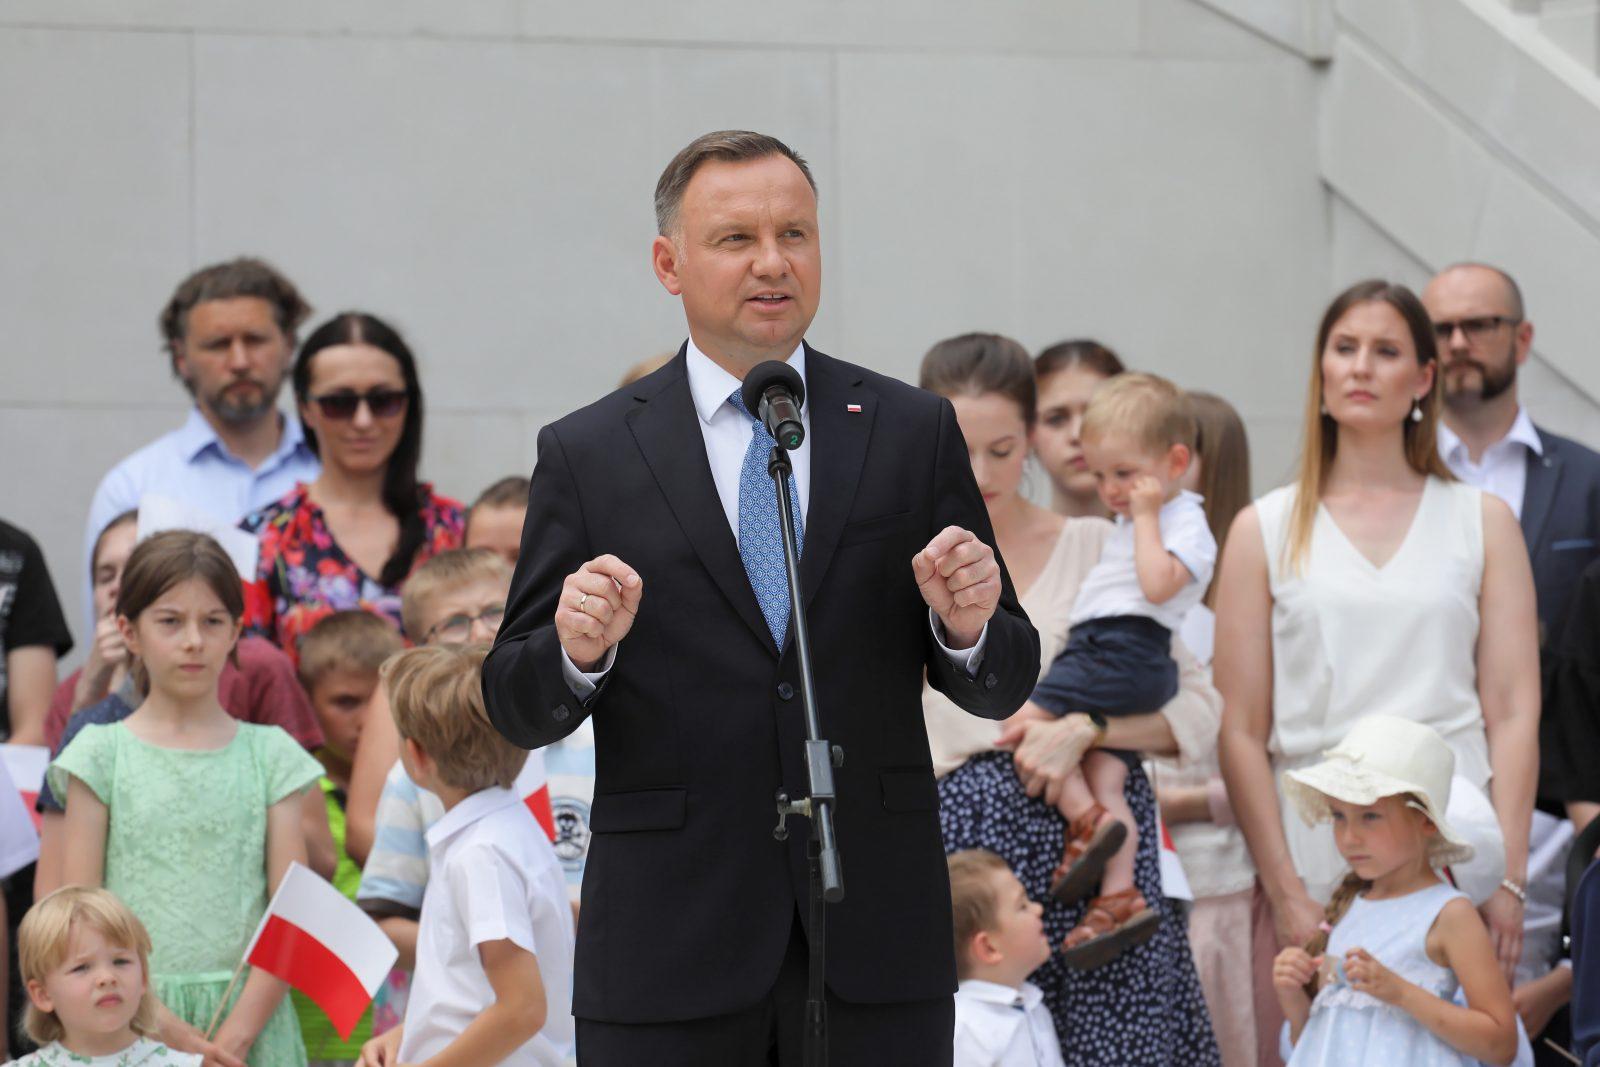 Polens Präsident Andrzej Duda will die Verfassung ändern lassen, um Homo-Paaren Adoptionen zu verbieten Foto: picture alliance / PAP